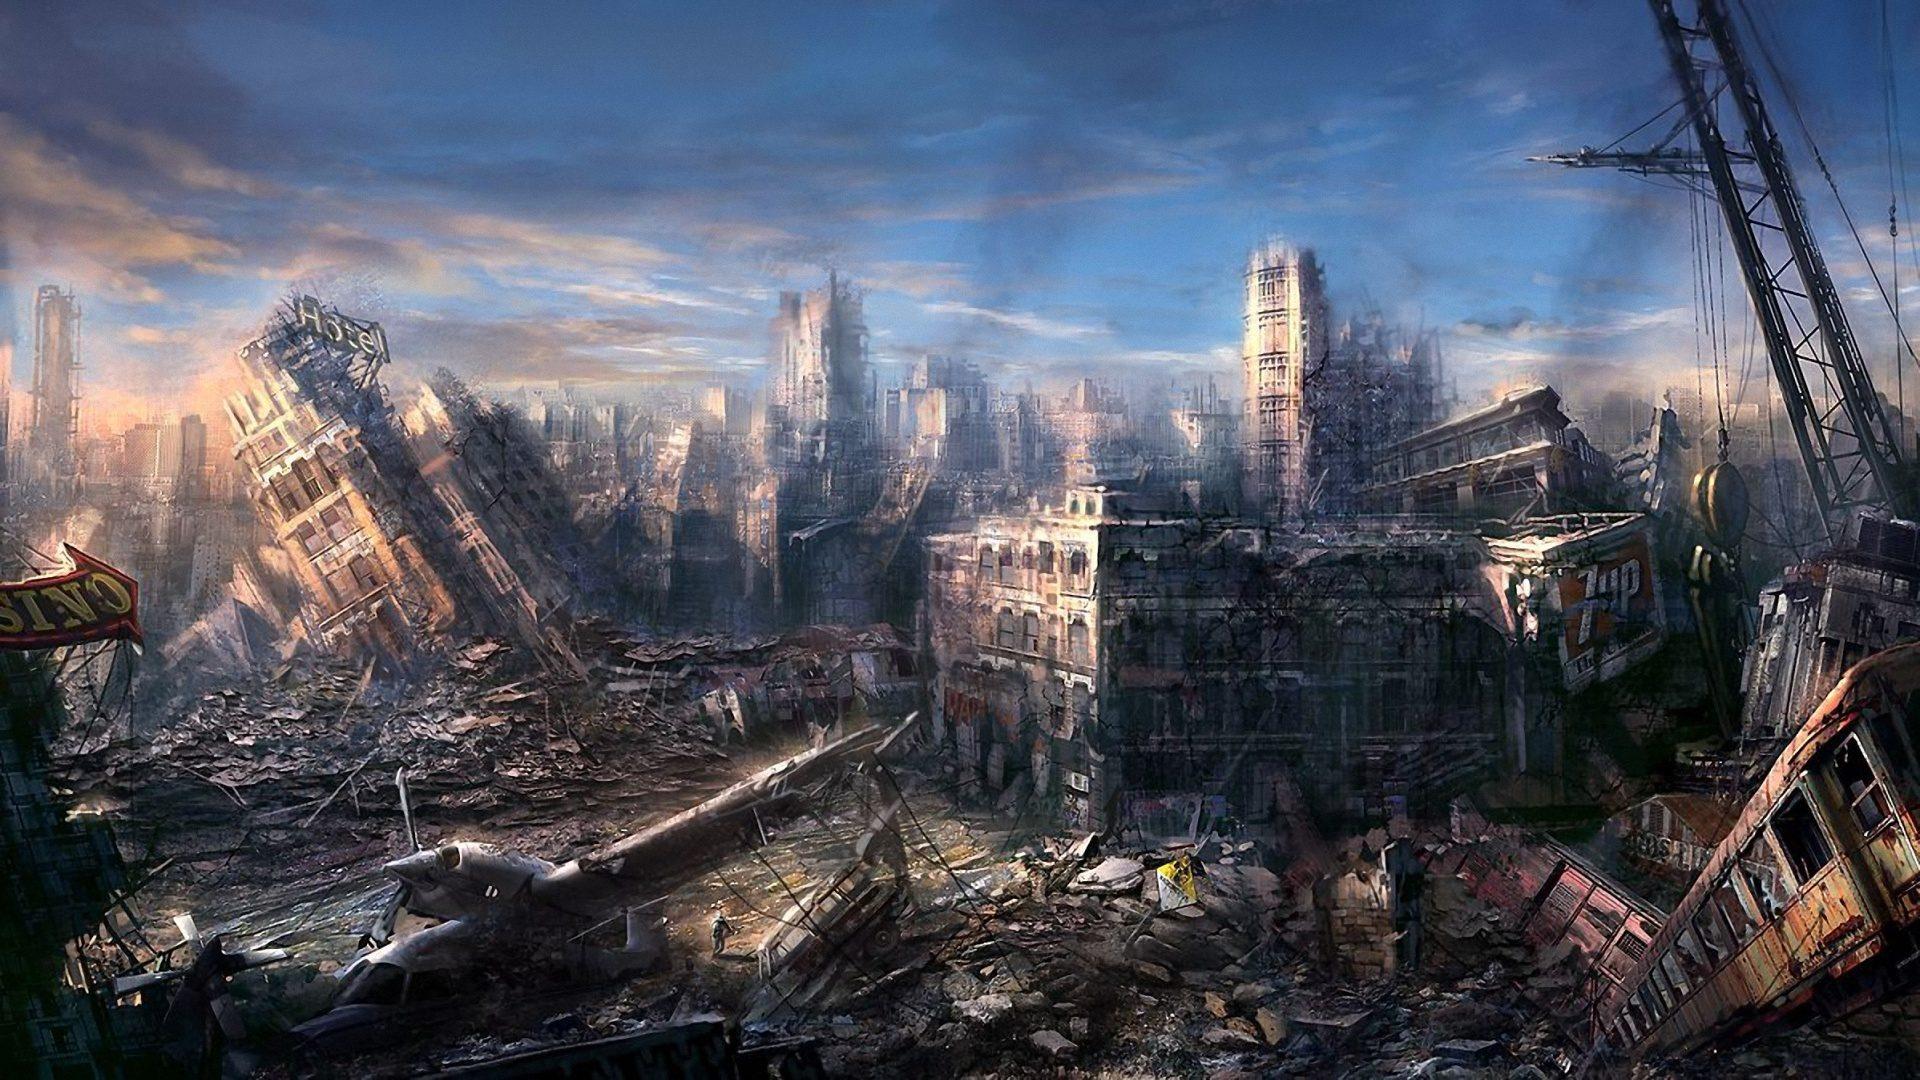 Нострадамус предсказал в 2021 году непростые времена